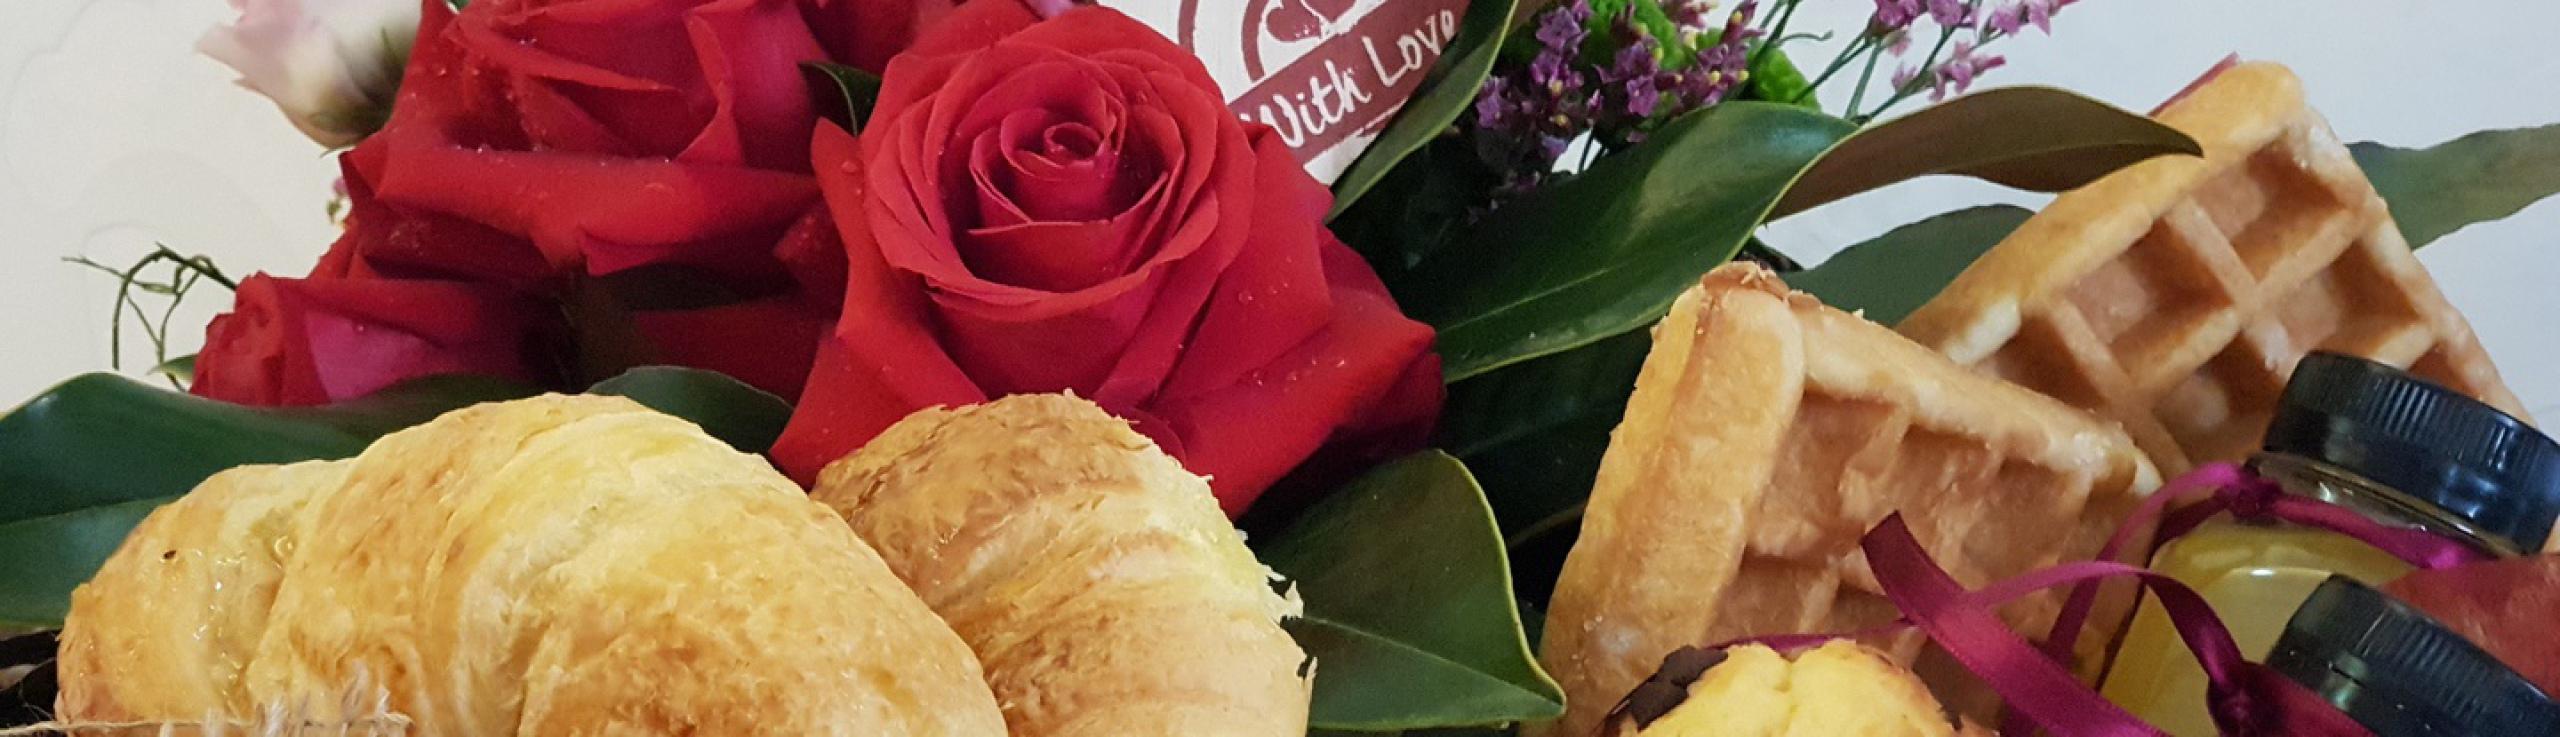 Desayuno a domicilio, frutas a domicilio , san valentin, regalo original, regalo sorpresa, bonsai floristas , floristeria boadilla del monte ,